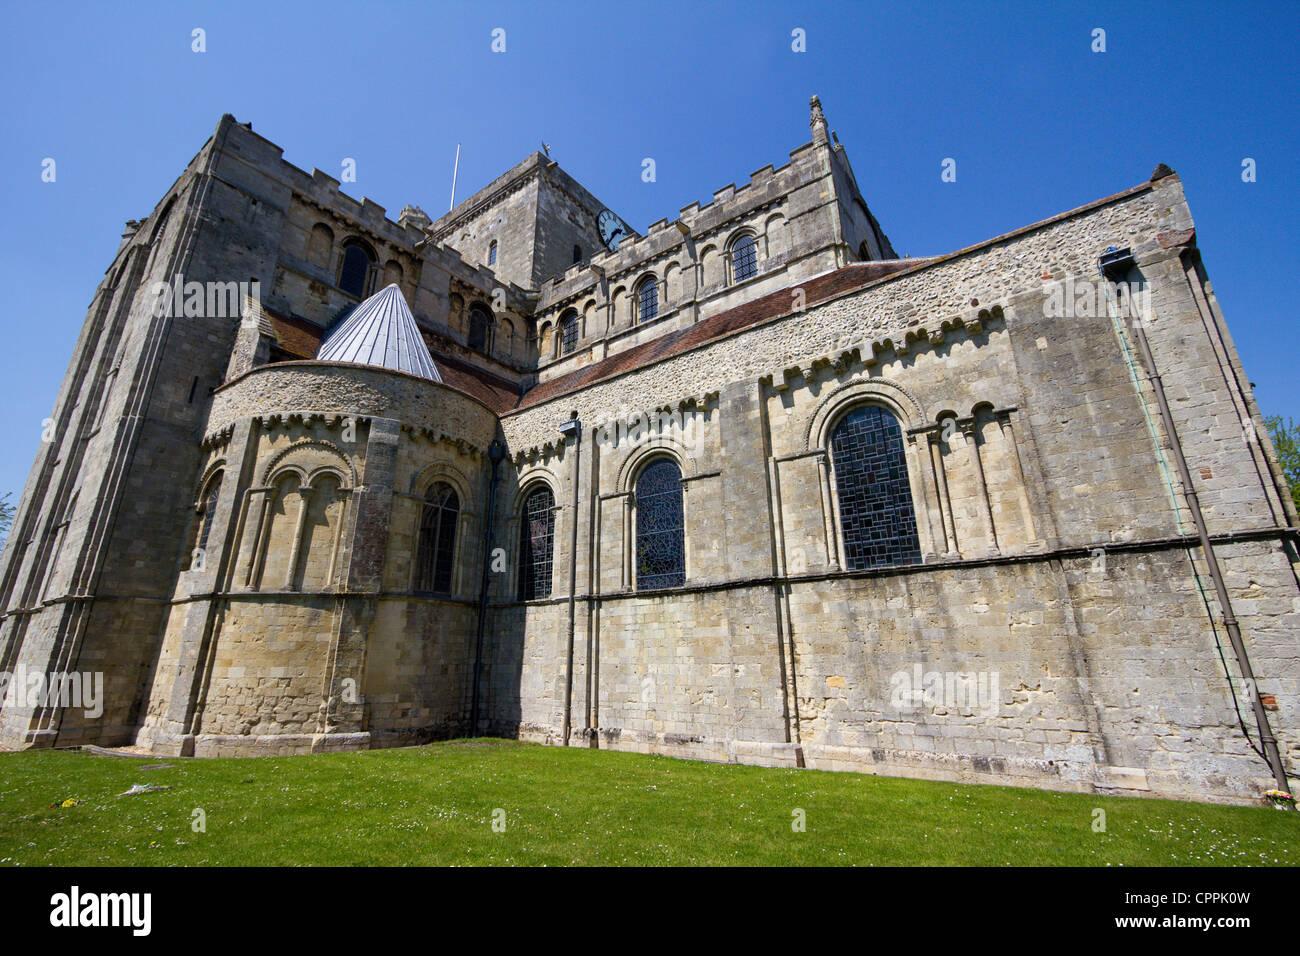 romsey abbey hampshire england - Stock Image